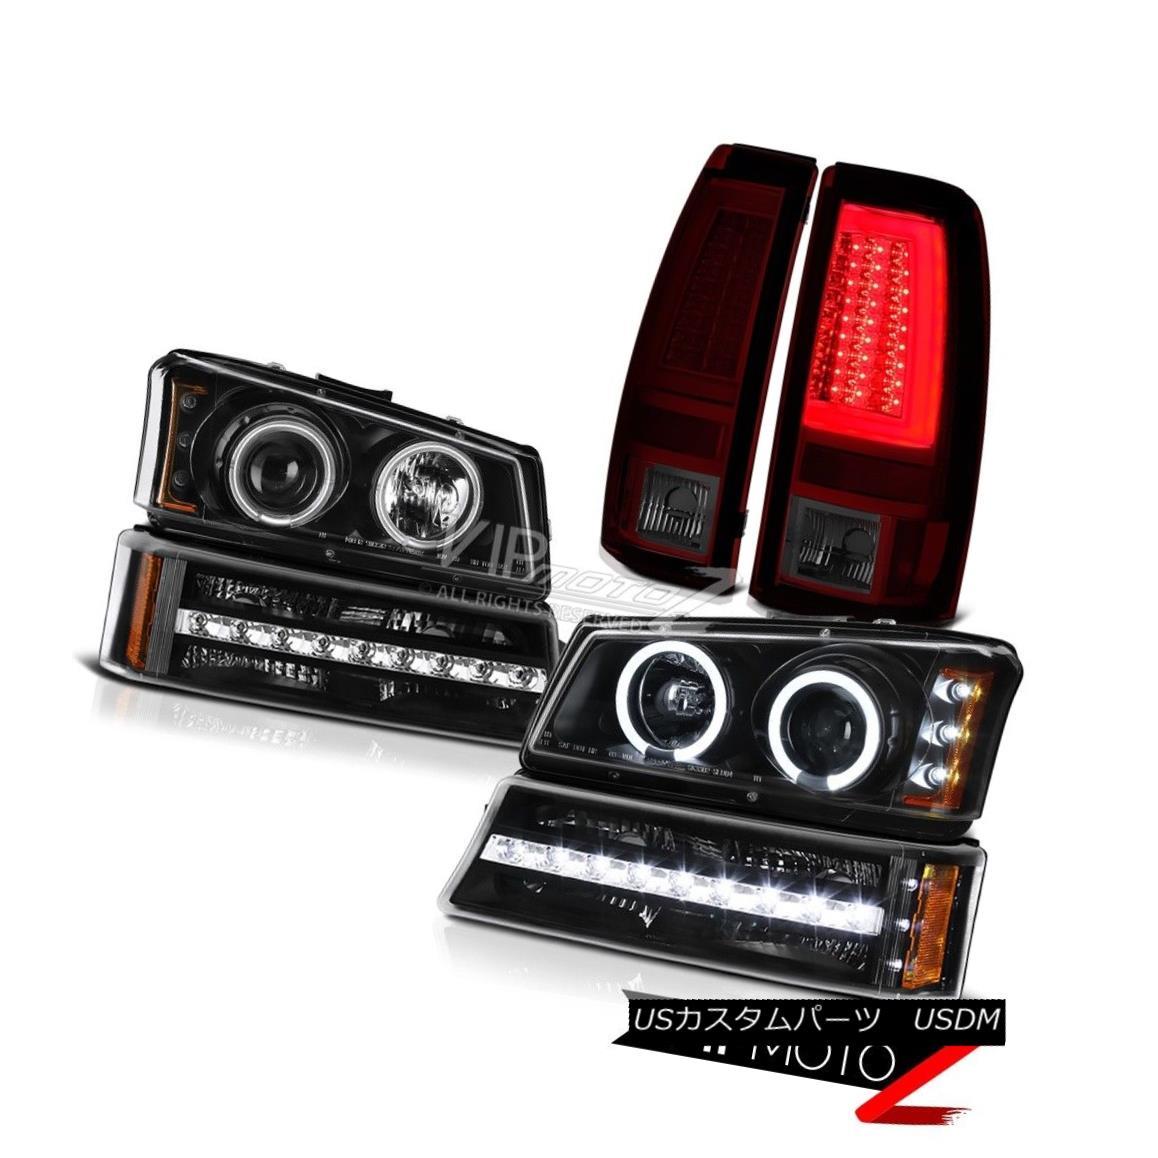 ヘッドライト 03-06 Chevy Silverado Taillights Signal Lamp Headlamps Light Bar LED CCFL Rim 03-06 Chevy Silveradoテールライト信号ランプヘッドランプライトバーLED CCFLリム